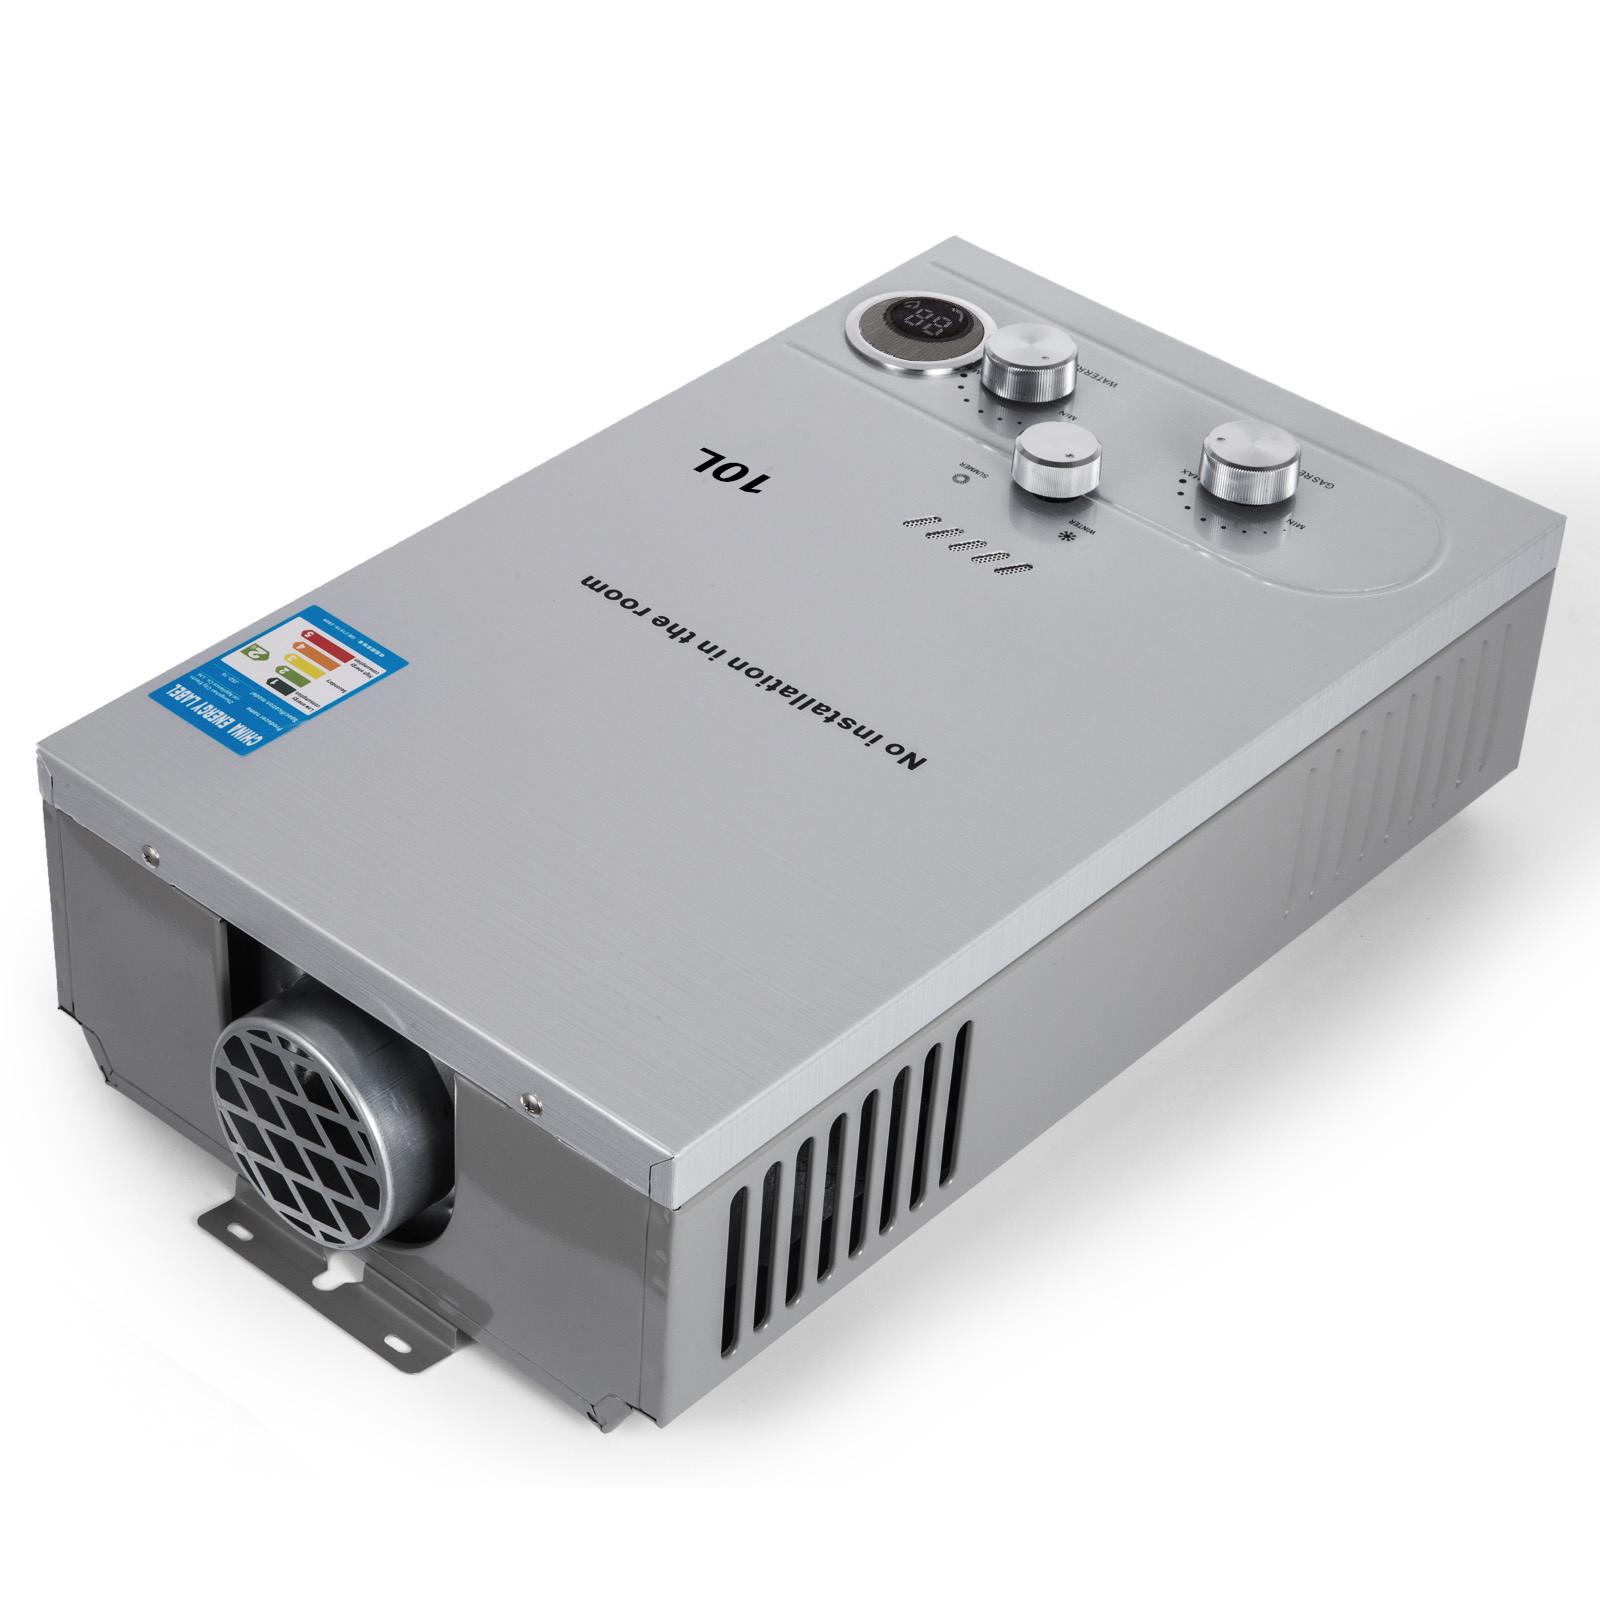 Propangas-Gas-Durchlauferhitzer-Warmwasserbereiter-Boiler-Warmwasserspeicher Indexbild 55